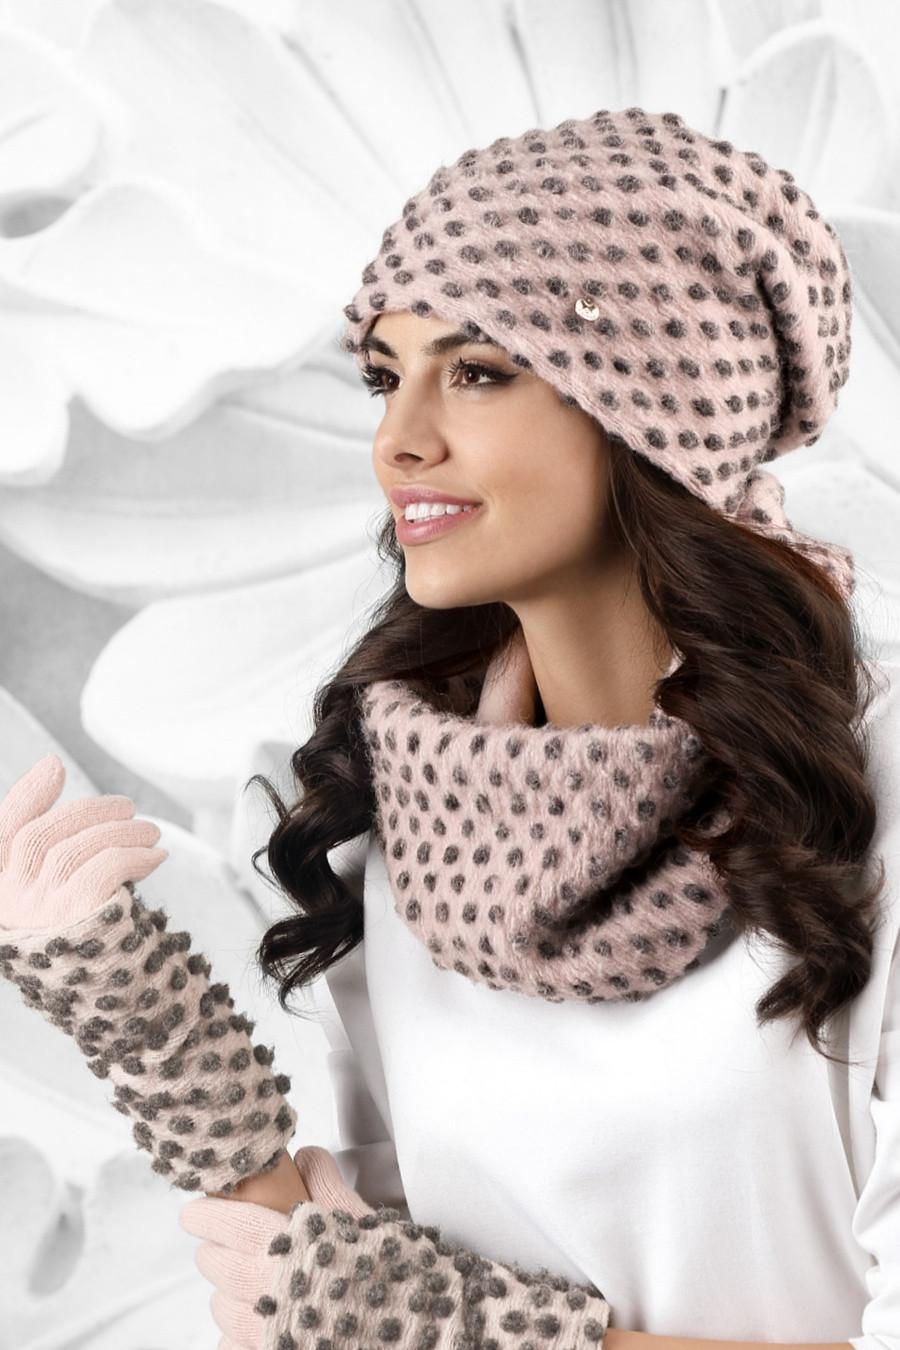 Dámský komplet GROSSETO - čepice + šála + rukavice růžová - Kamea růžová uni 4c208b1af7